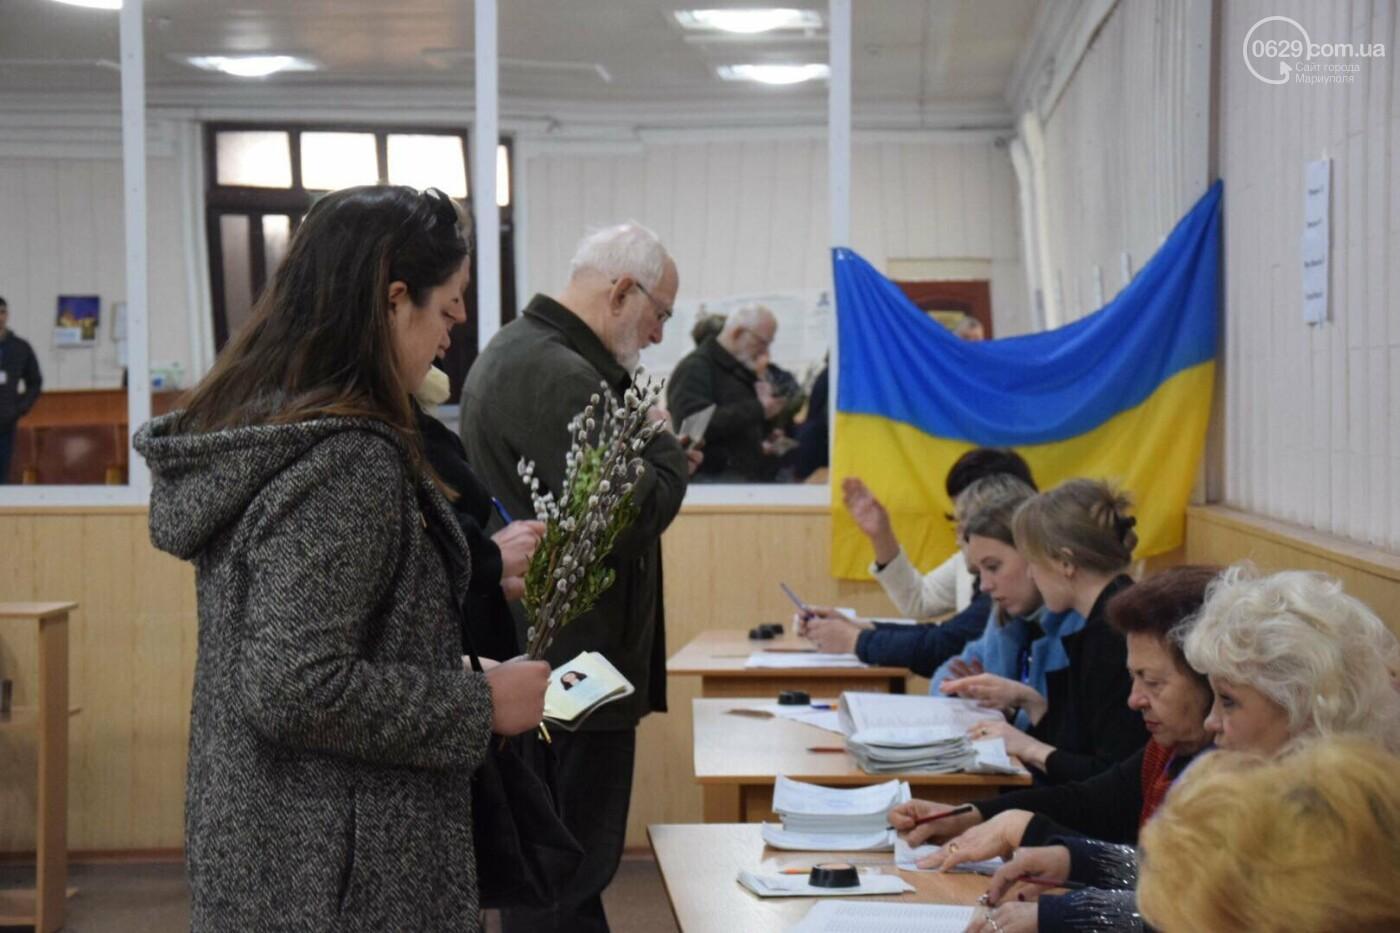 Выборы и верба: как Мариуполь празднует православный праздник, - ФОТОРЕПОРТАЖ, фото-47